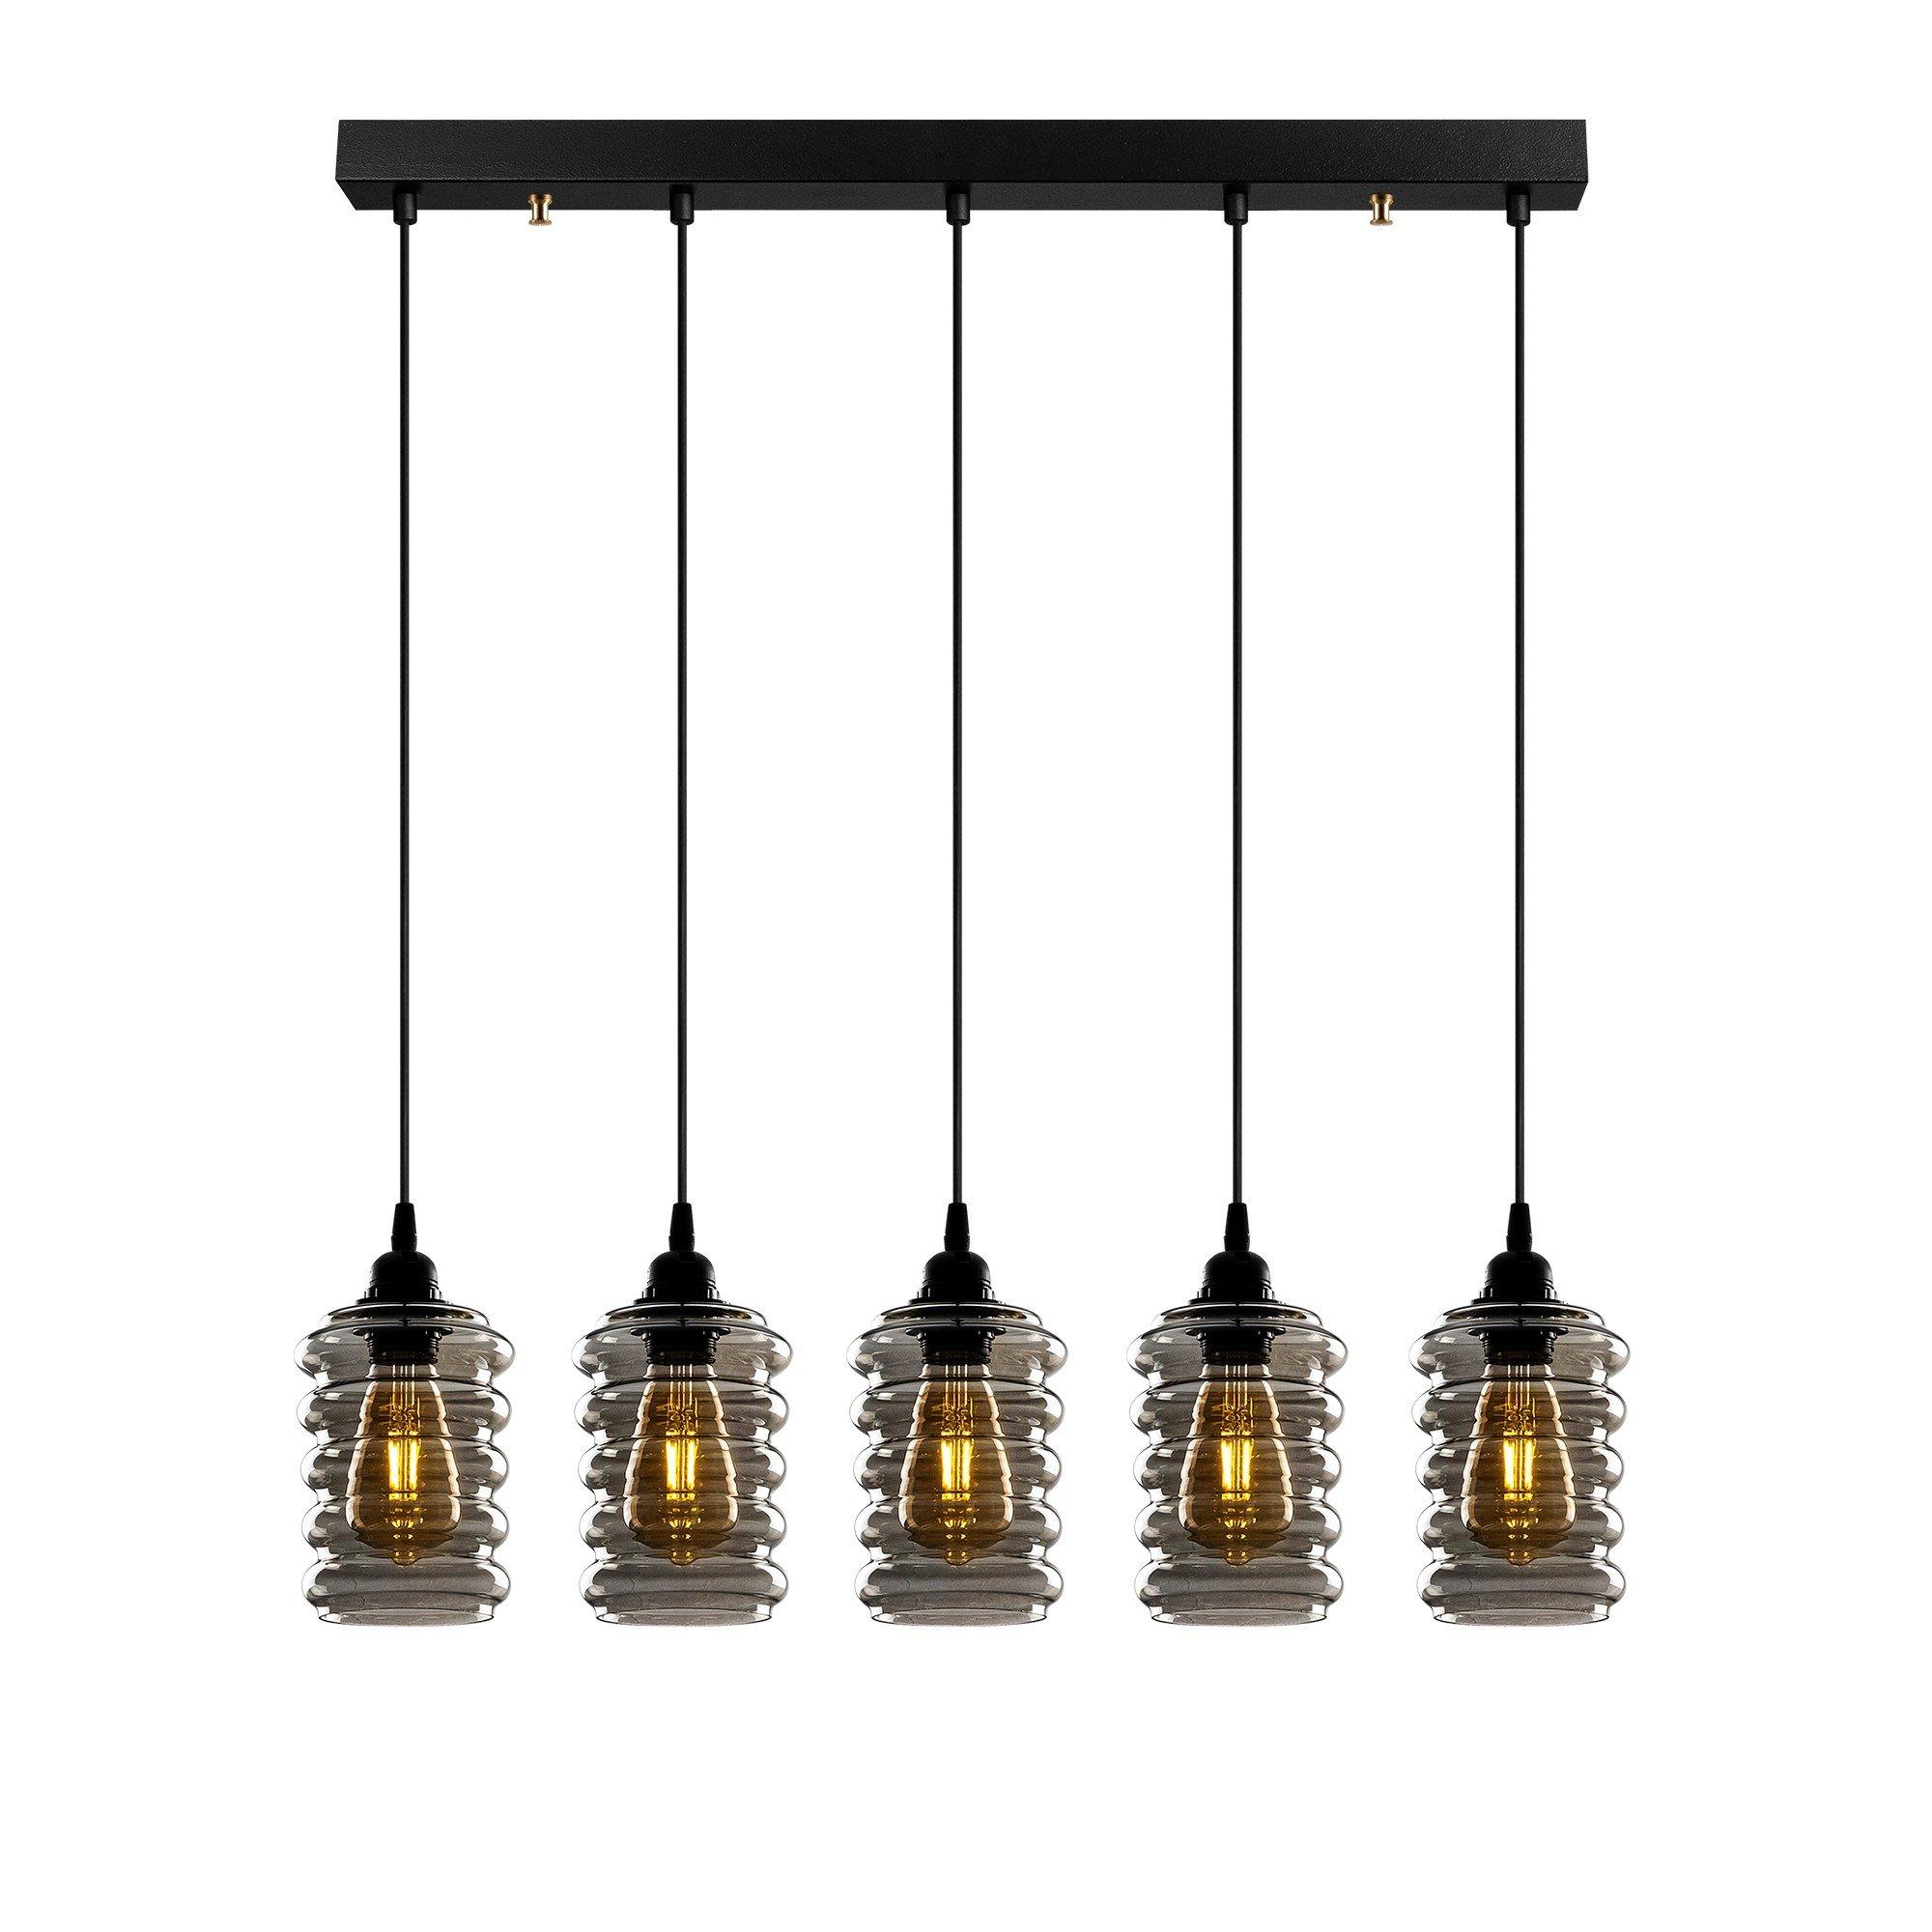 Hanglamp smoked glass 5 x E27 fitting - vooraanzicht lampen aan